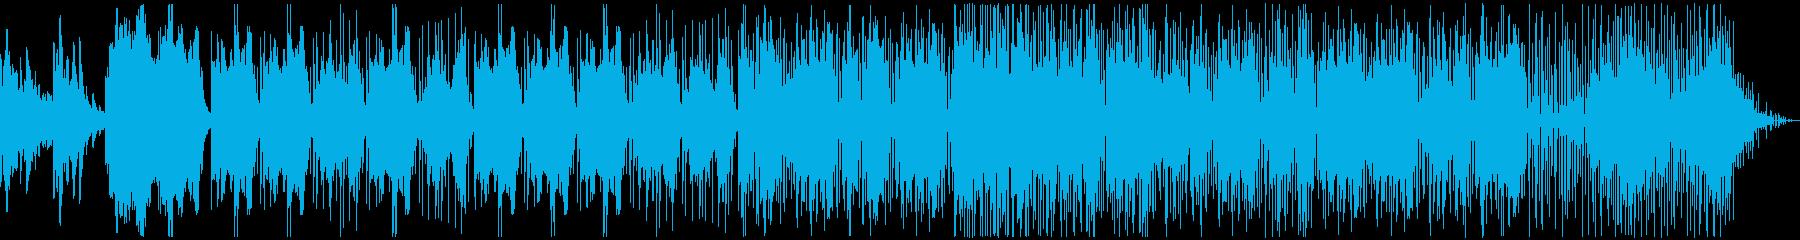 ポップ。 Rhythmicはノスタ...の再生済みの波形